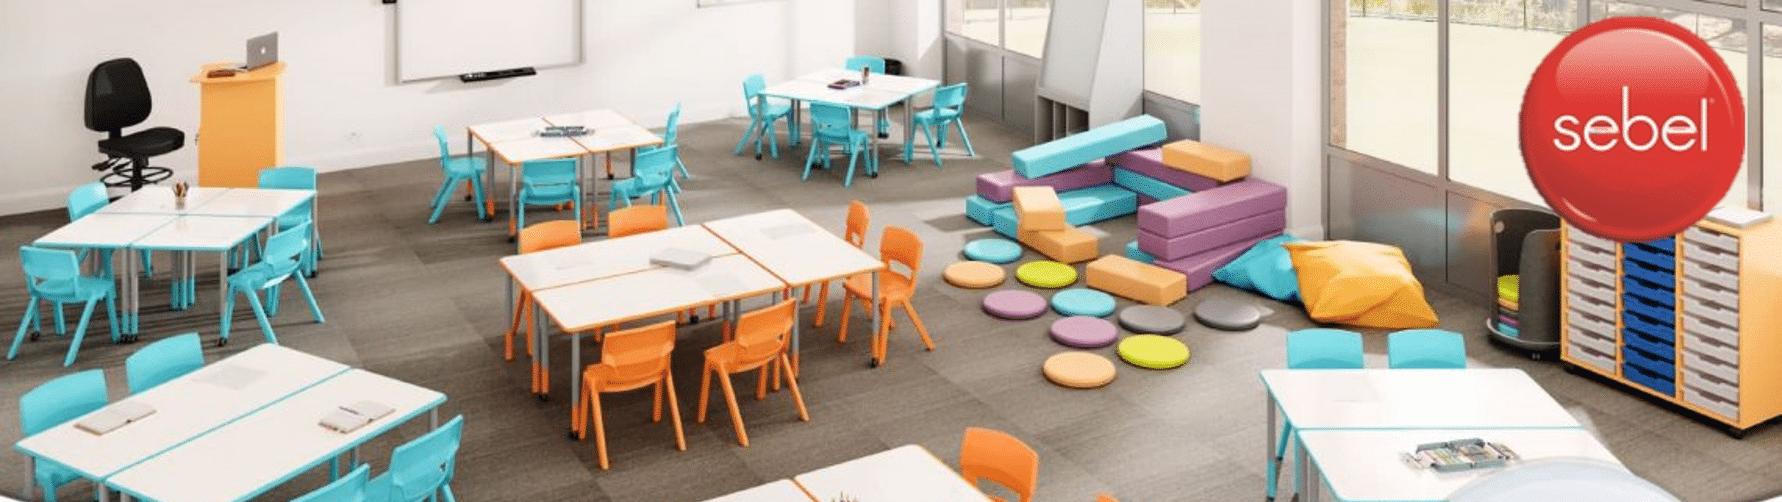 Sebel furniture and Vesta eCommerce